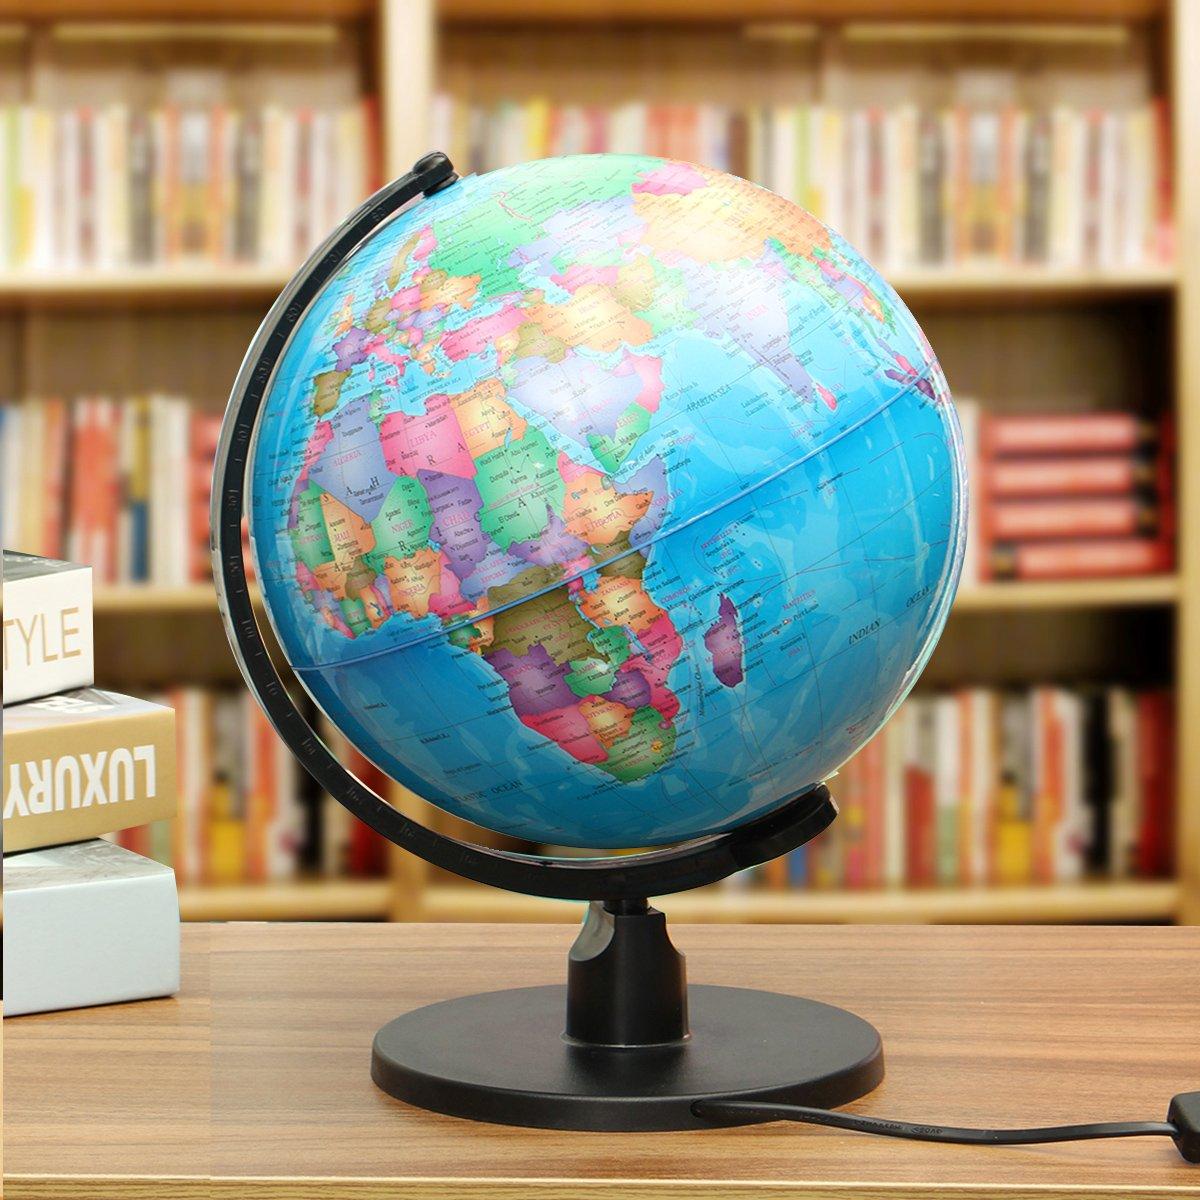 Hvlystory World Earth Globe Atlas Karte Geographie Bildungsgeschenk mit drehbarem St/änder LED-Licht